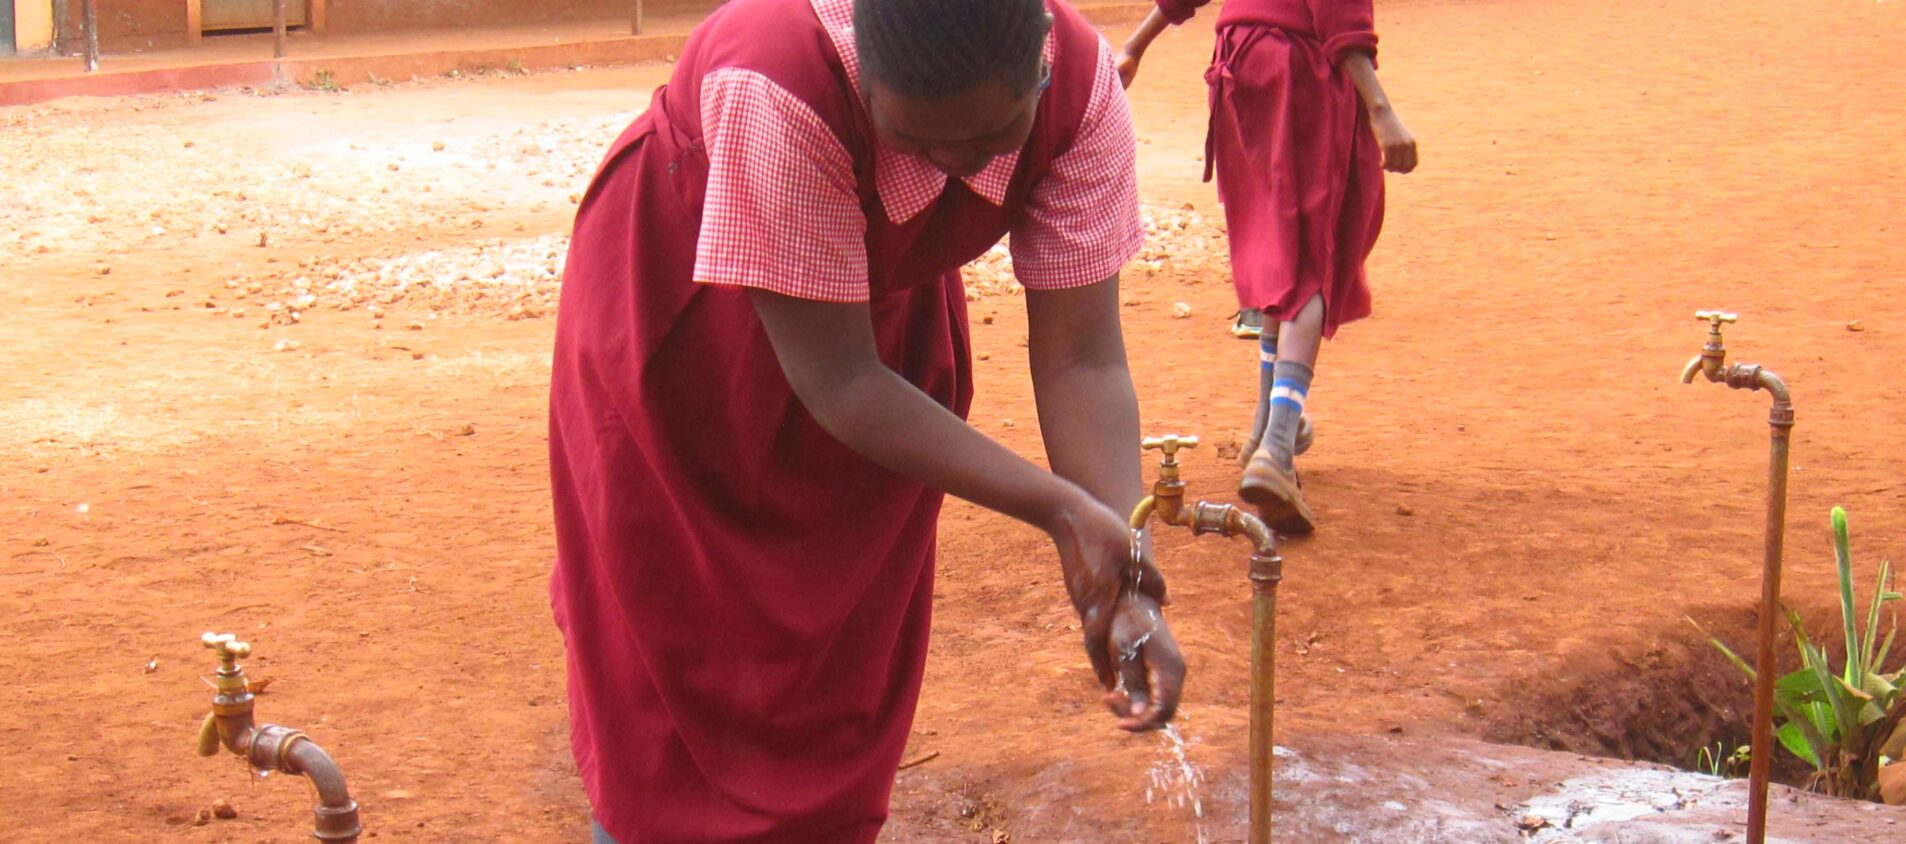 En flicka på en skolgård tvättar händerna under en kran.